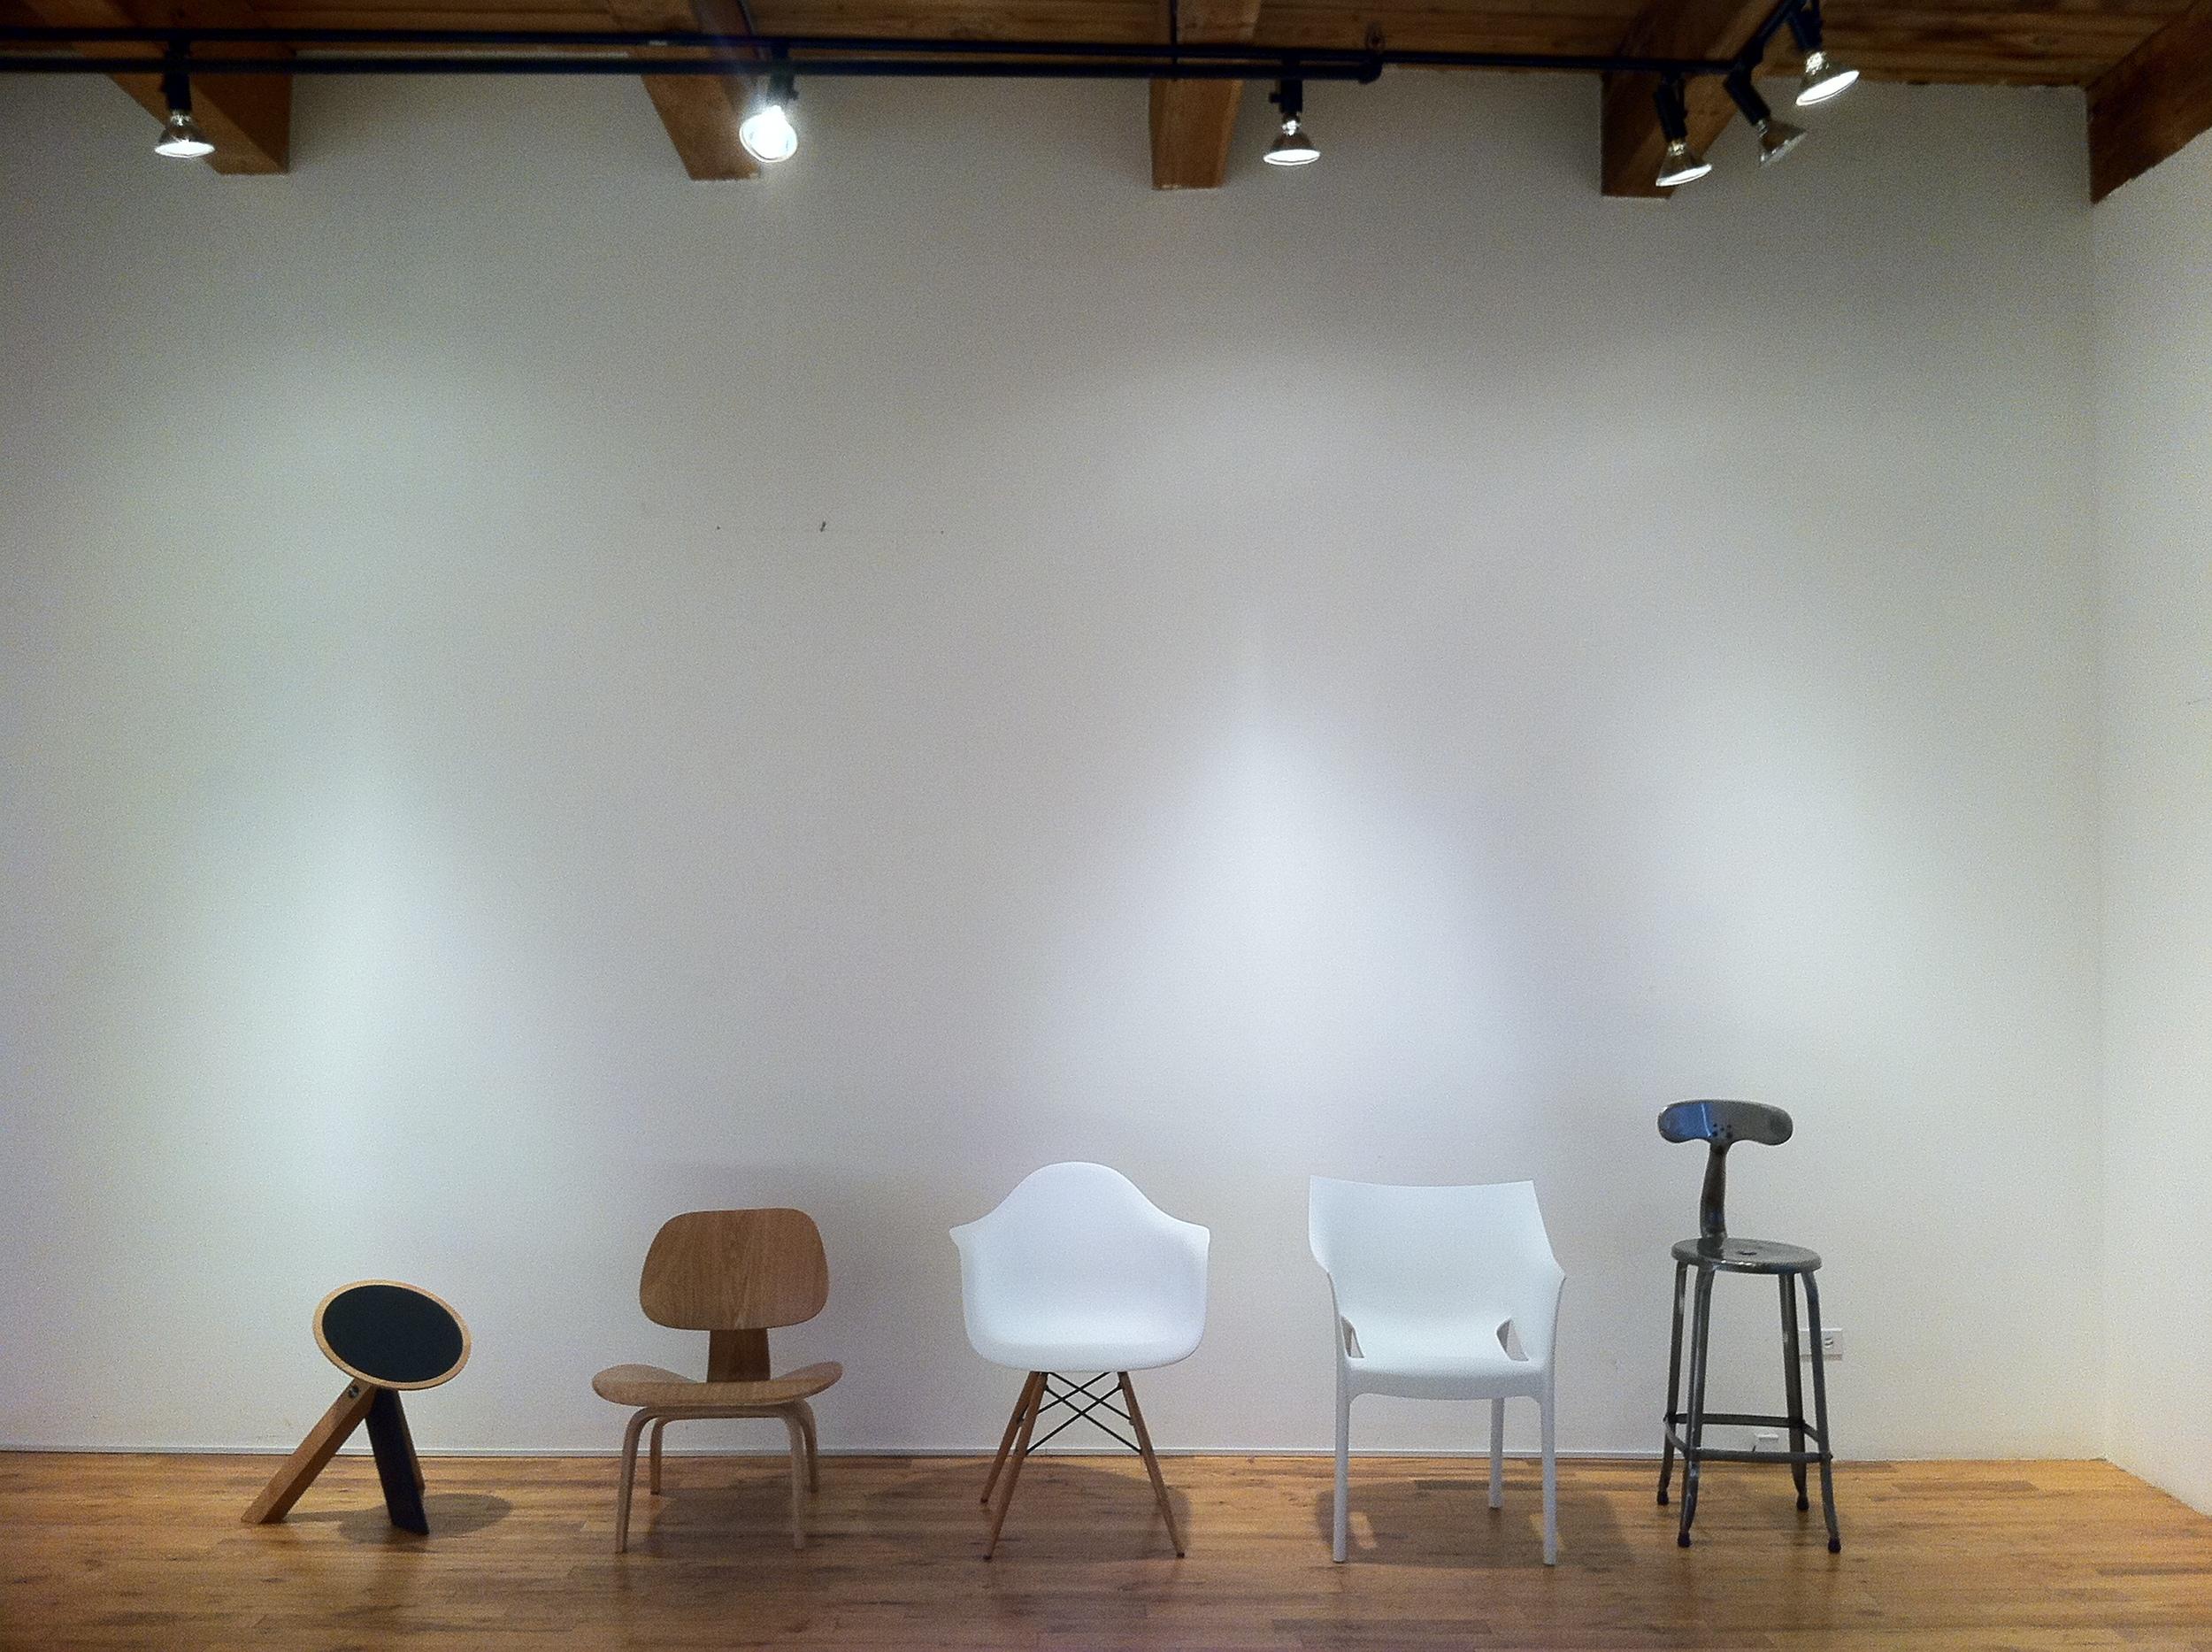 photo 2 chairs.jpg